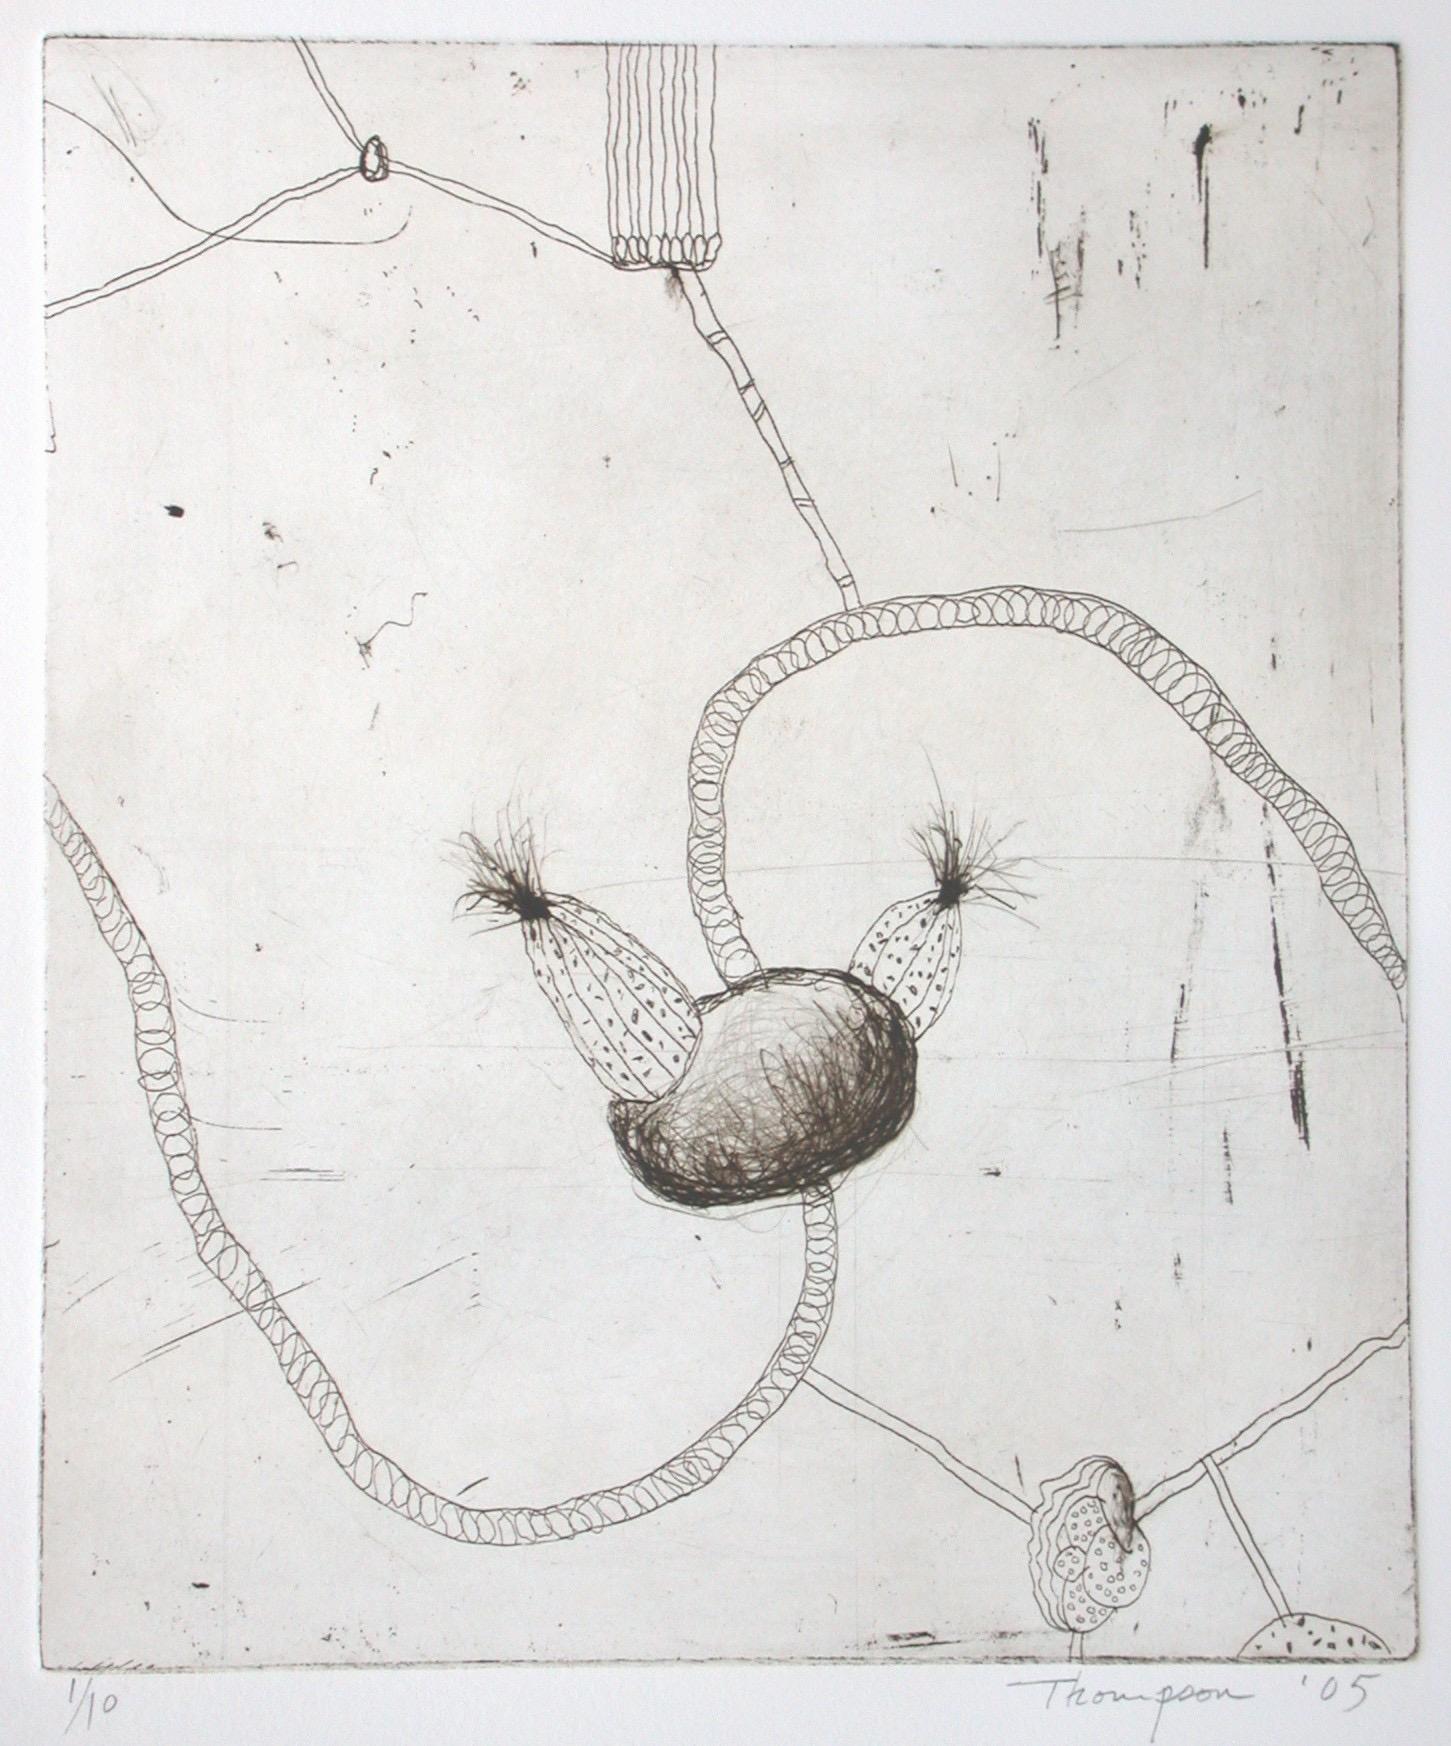 Strange Fruit II, etching, edition 10, image size 29.5 X 24.5 cm, 2005